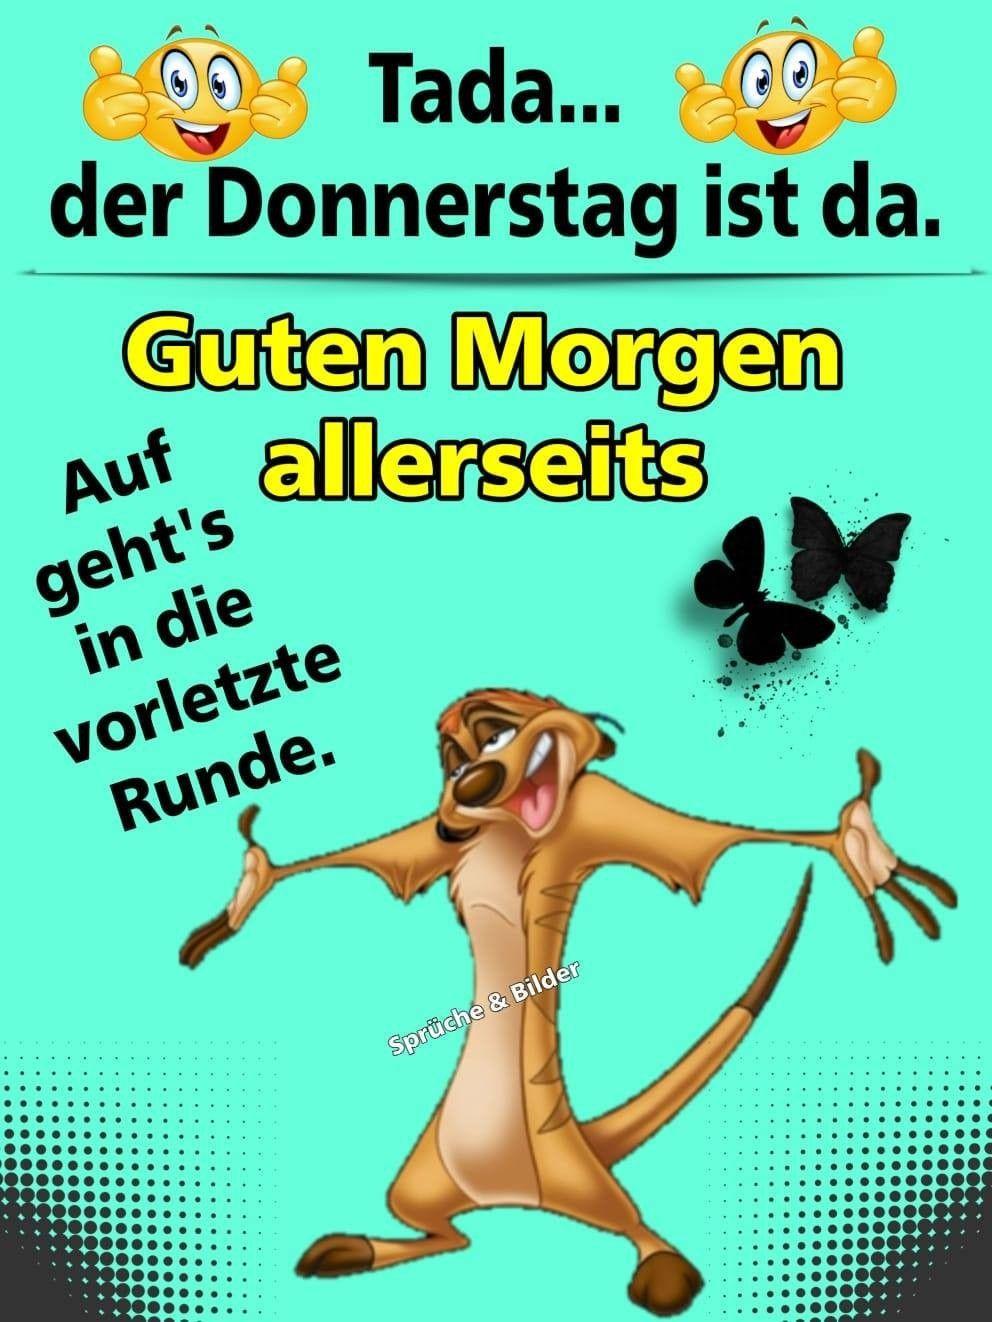 Pin Von Heike Kraatz Auf Wochentage Donnerstag Spruche Donnerstag Lustig Donnerstag